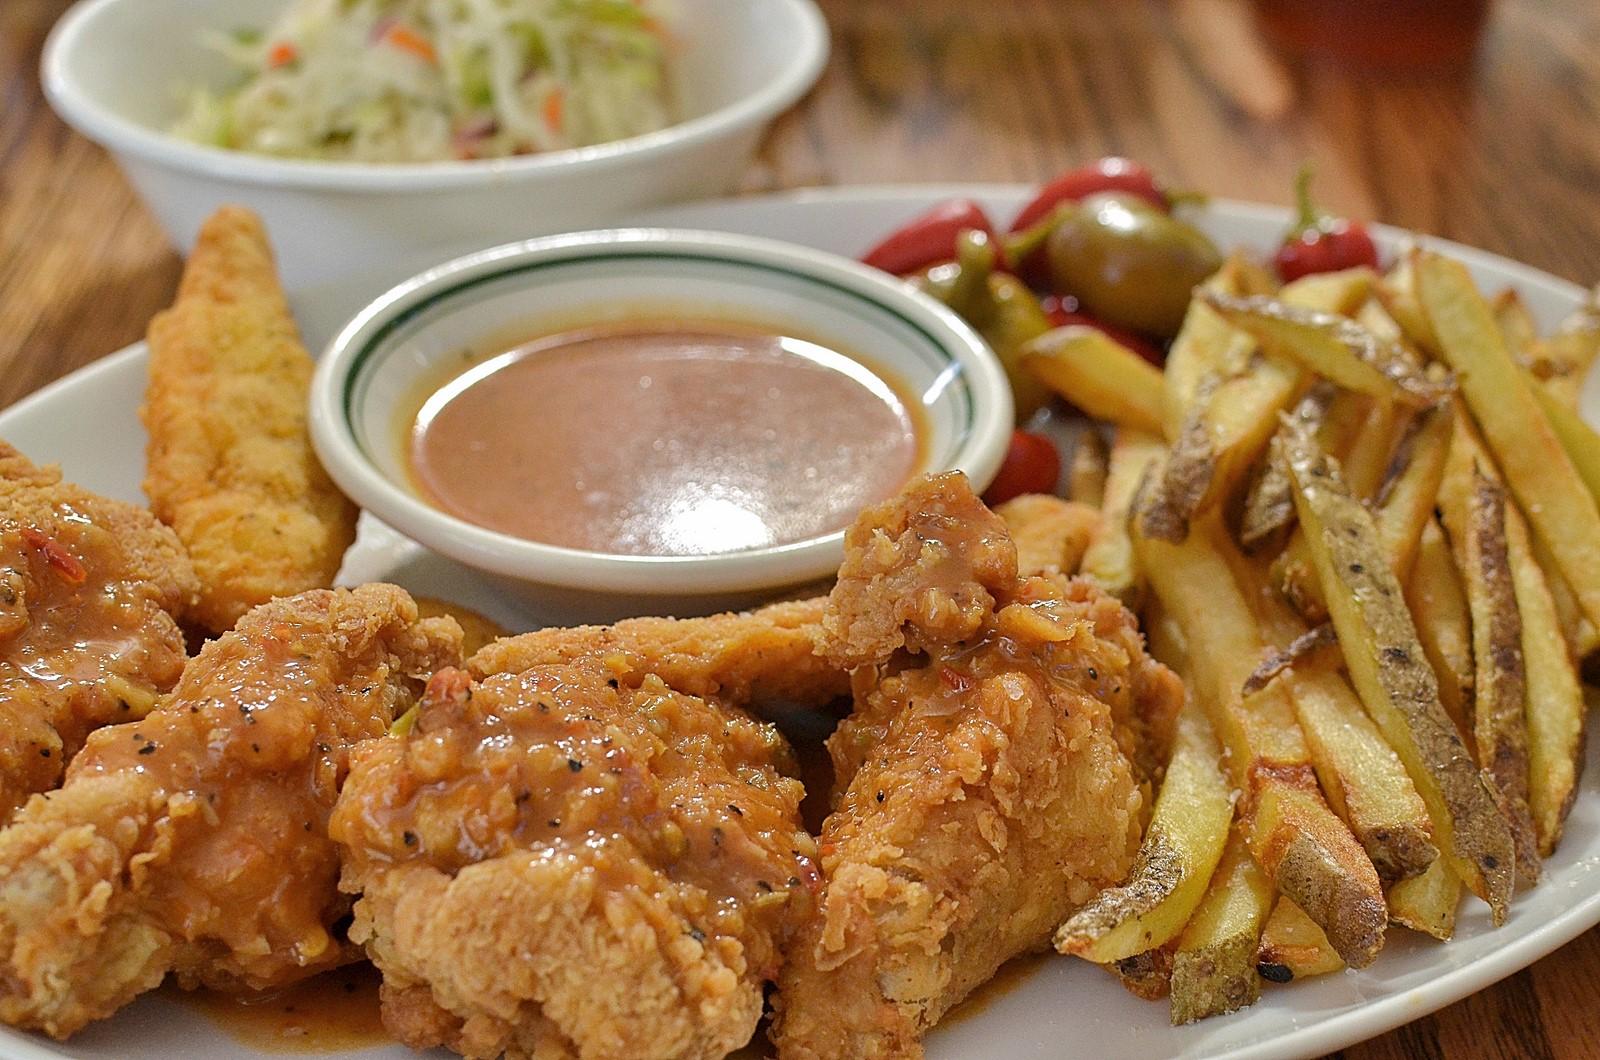 Fried Chicken Pr0n Breaded Hot Wings